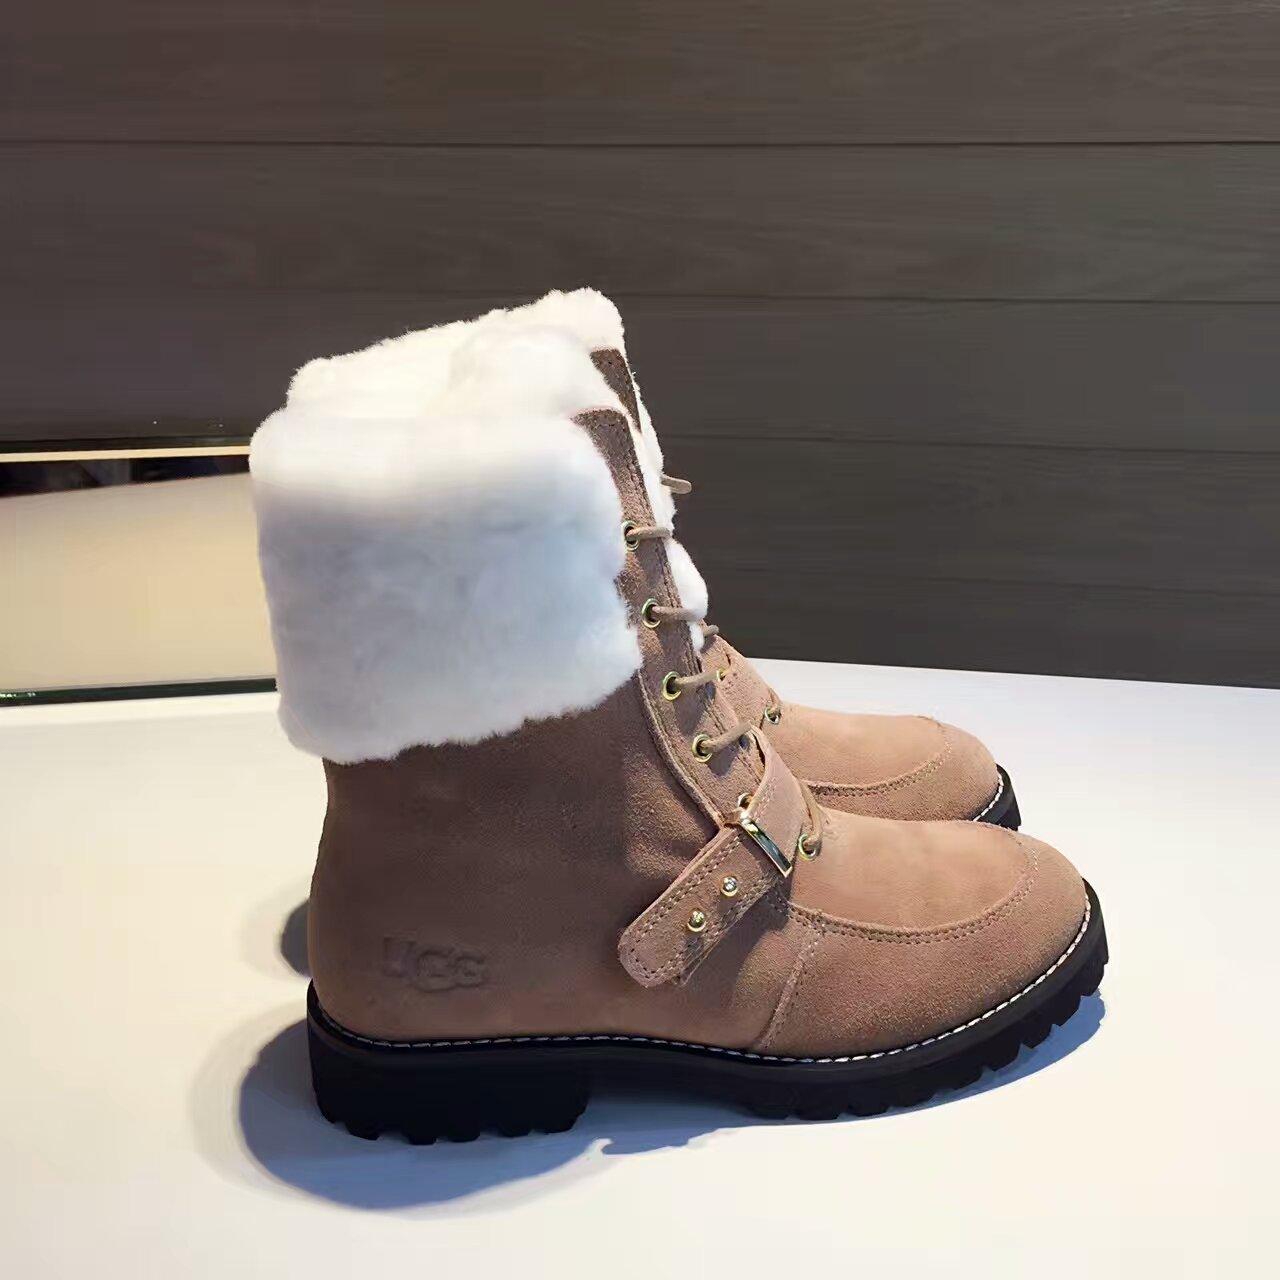 UGG雪地靴_新款来袭原代工厂原版开模雪地靴